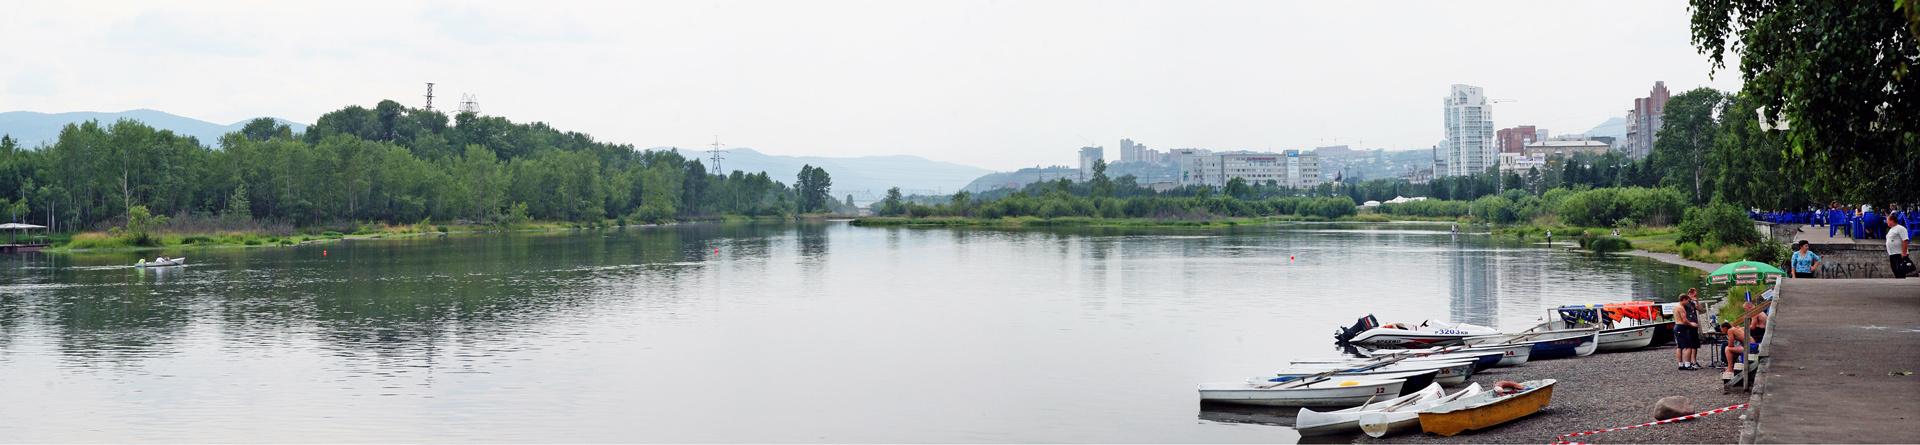 Panoramy2 02